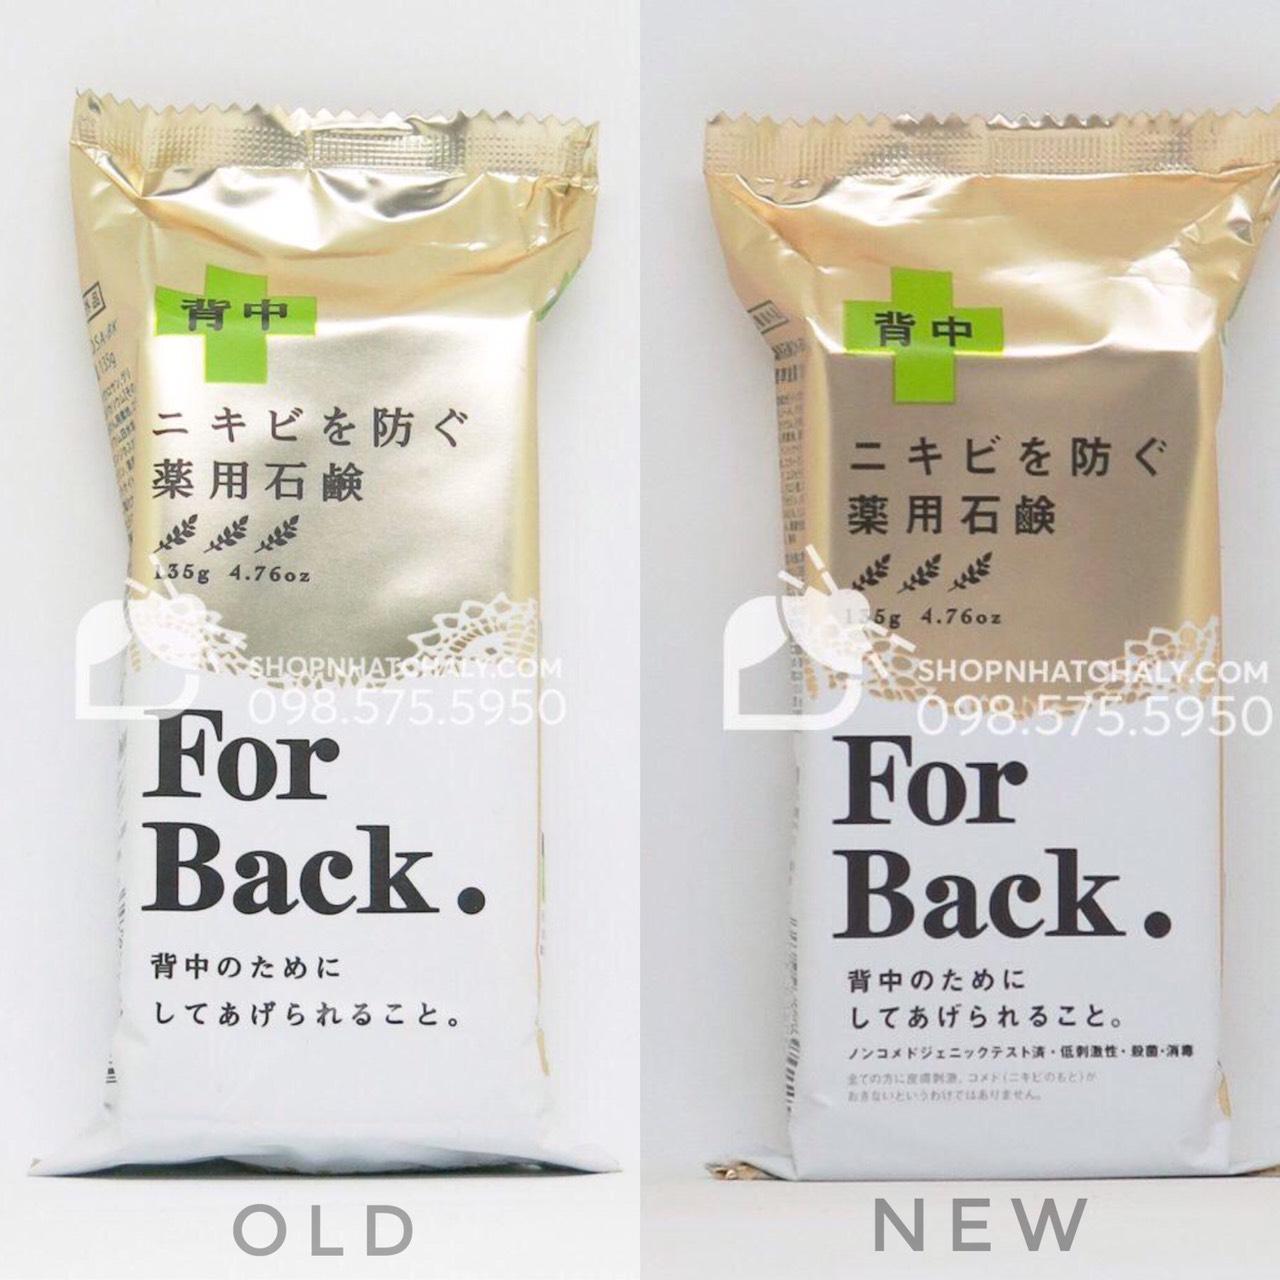 Xà bông trị mụn For Back medicated soap mẫu mới 2019 (phải) mặt trước